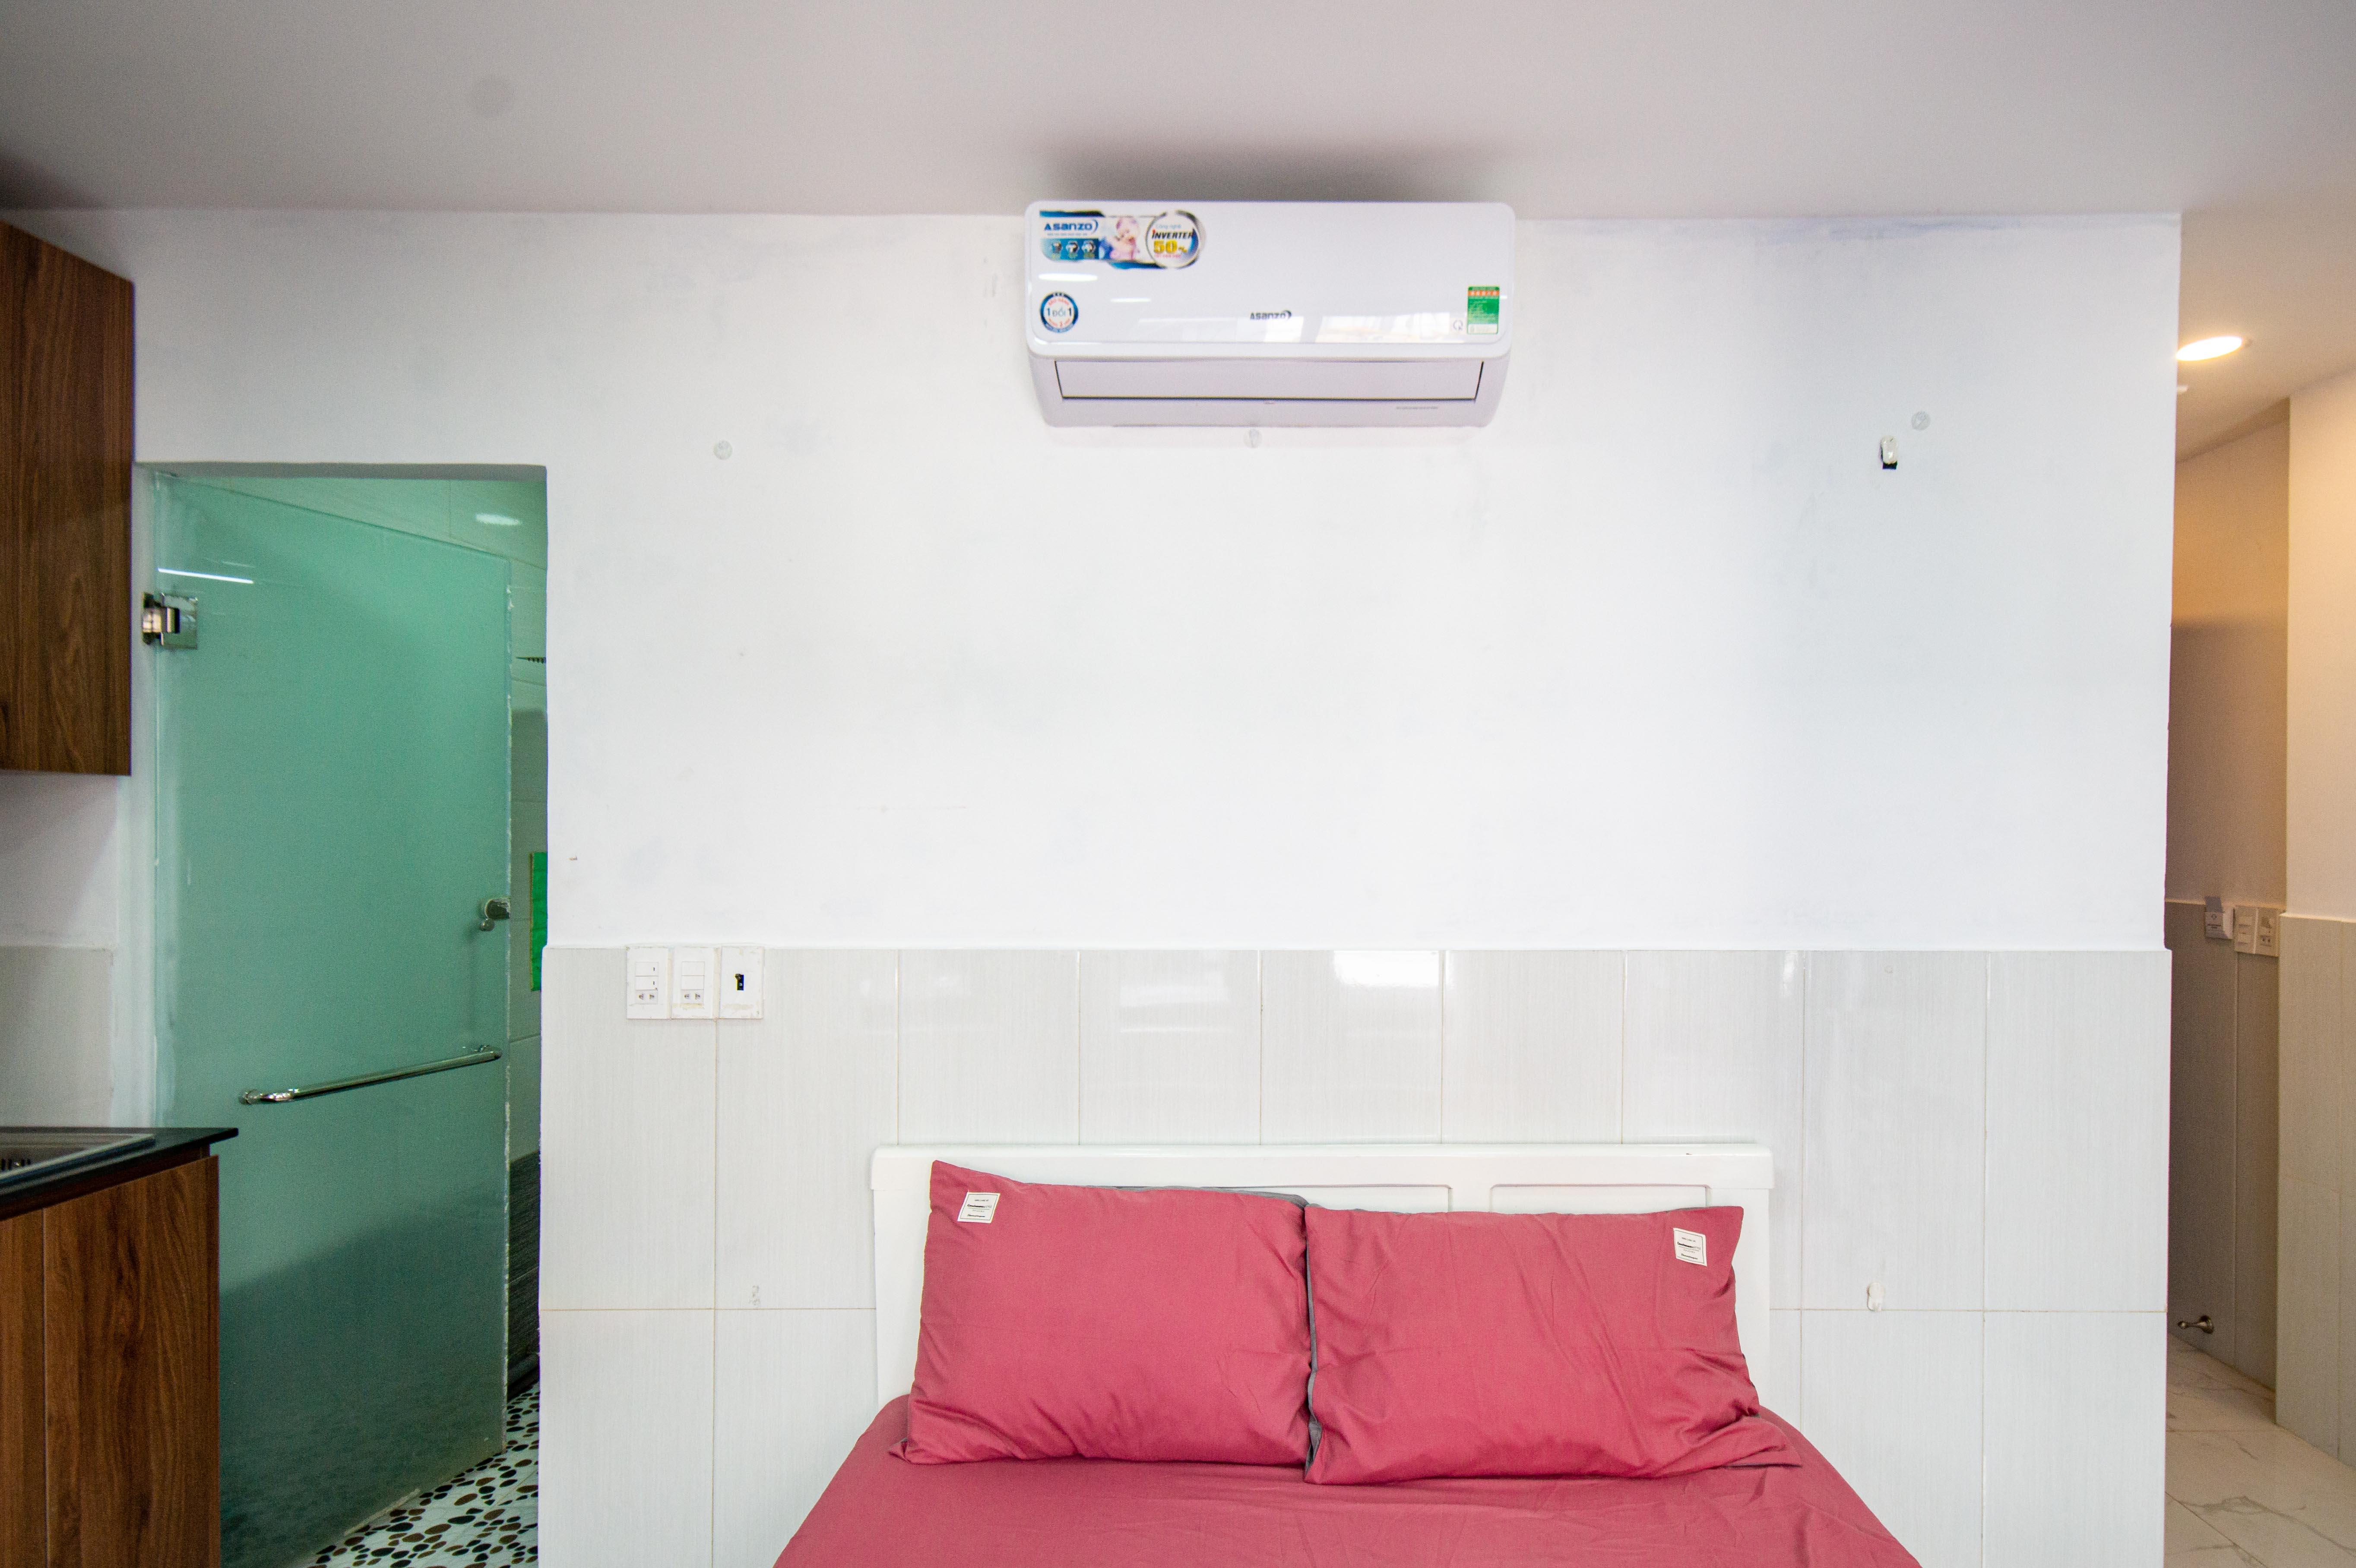 Cho Thuê Căn hộ 1 PN Trần Văn Đang Apartment - Ban Công Rộng Rãi -1